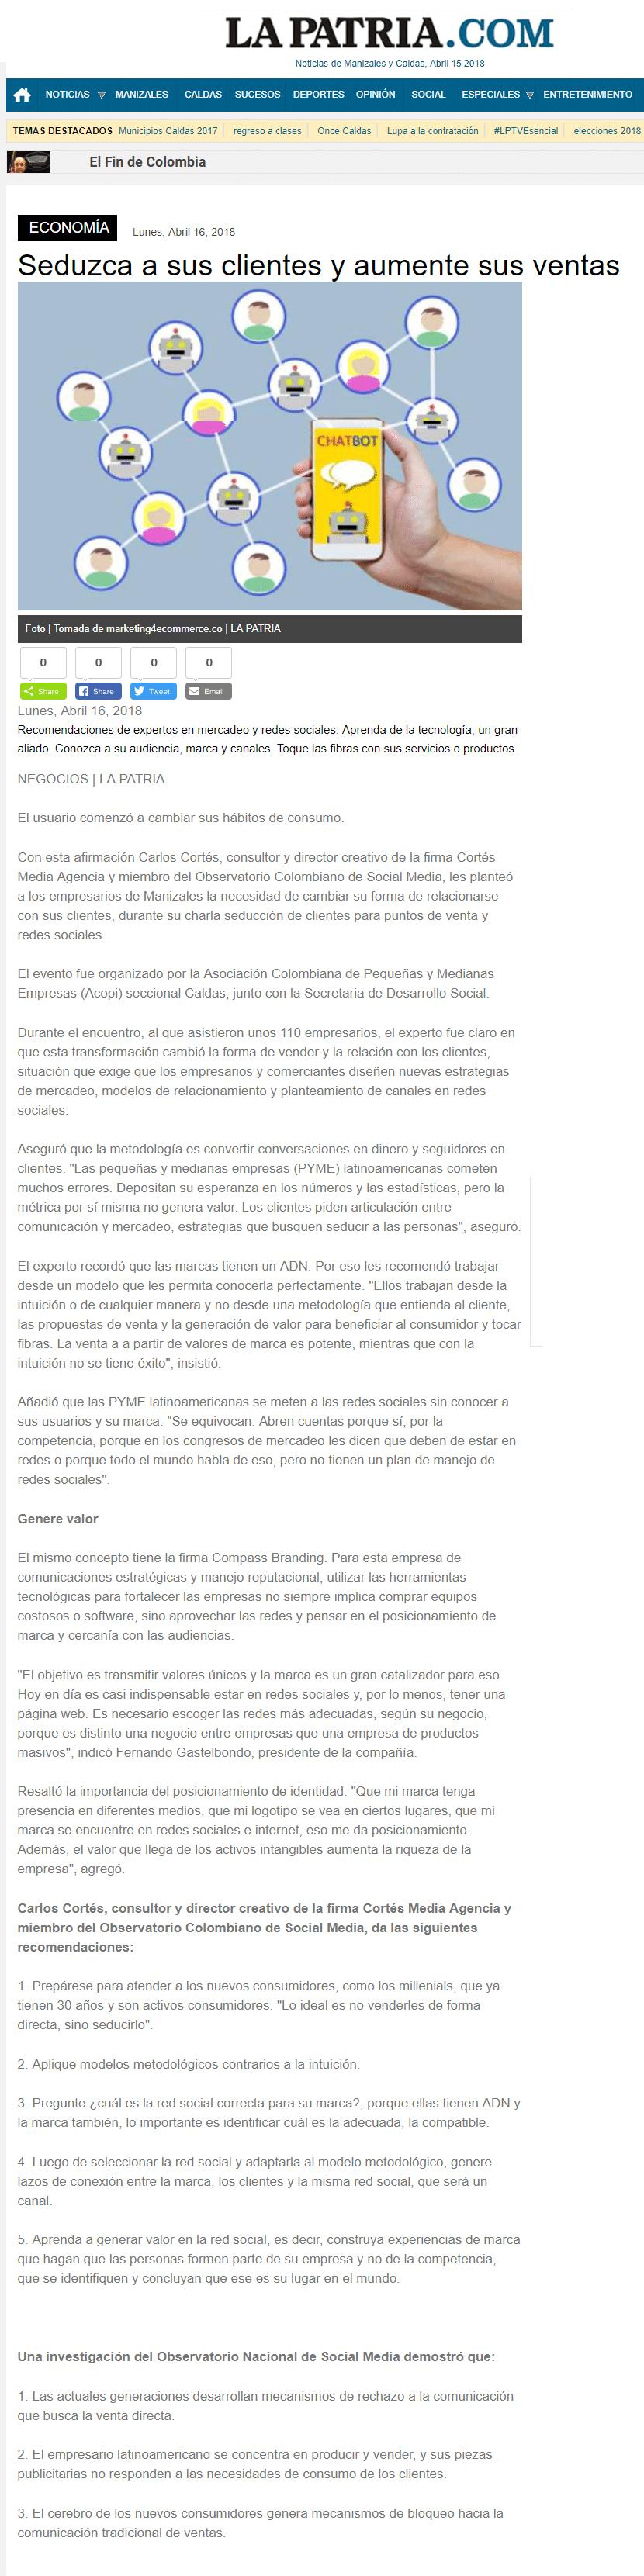 La Patria Manizales Seduzca a sus clientes y aumente sus ventas